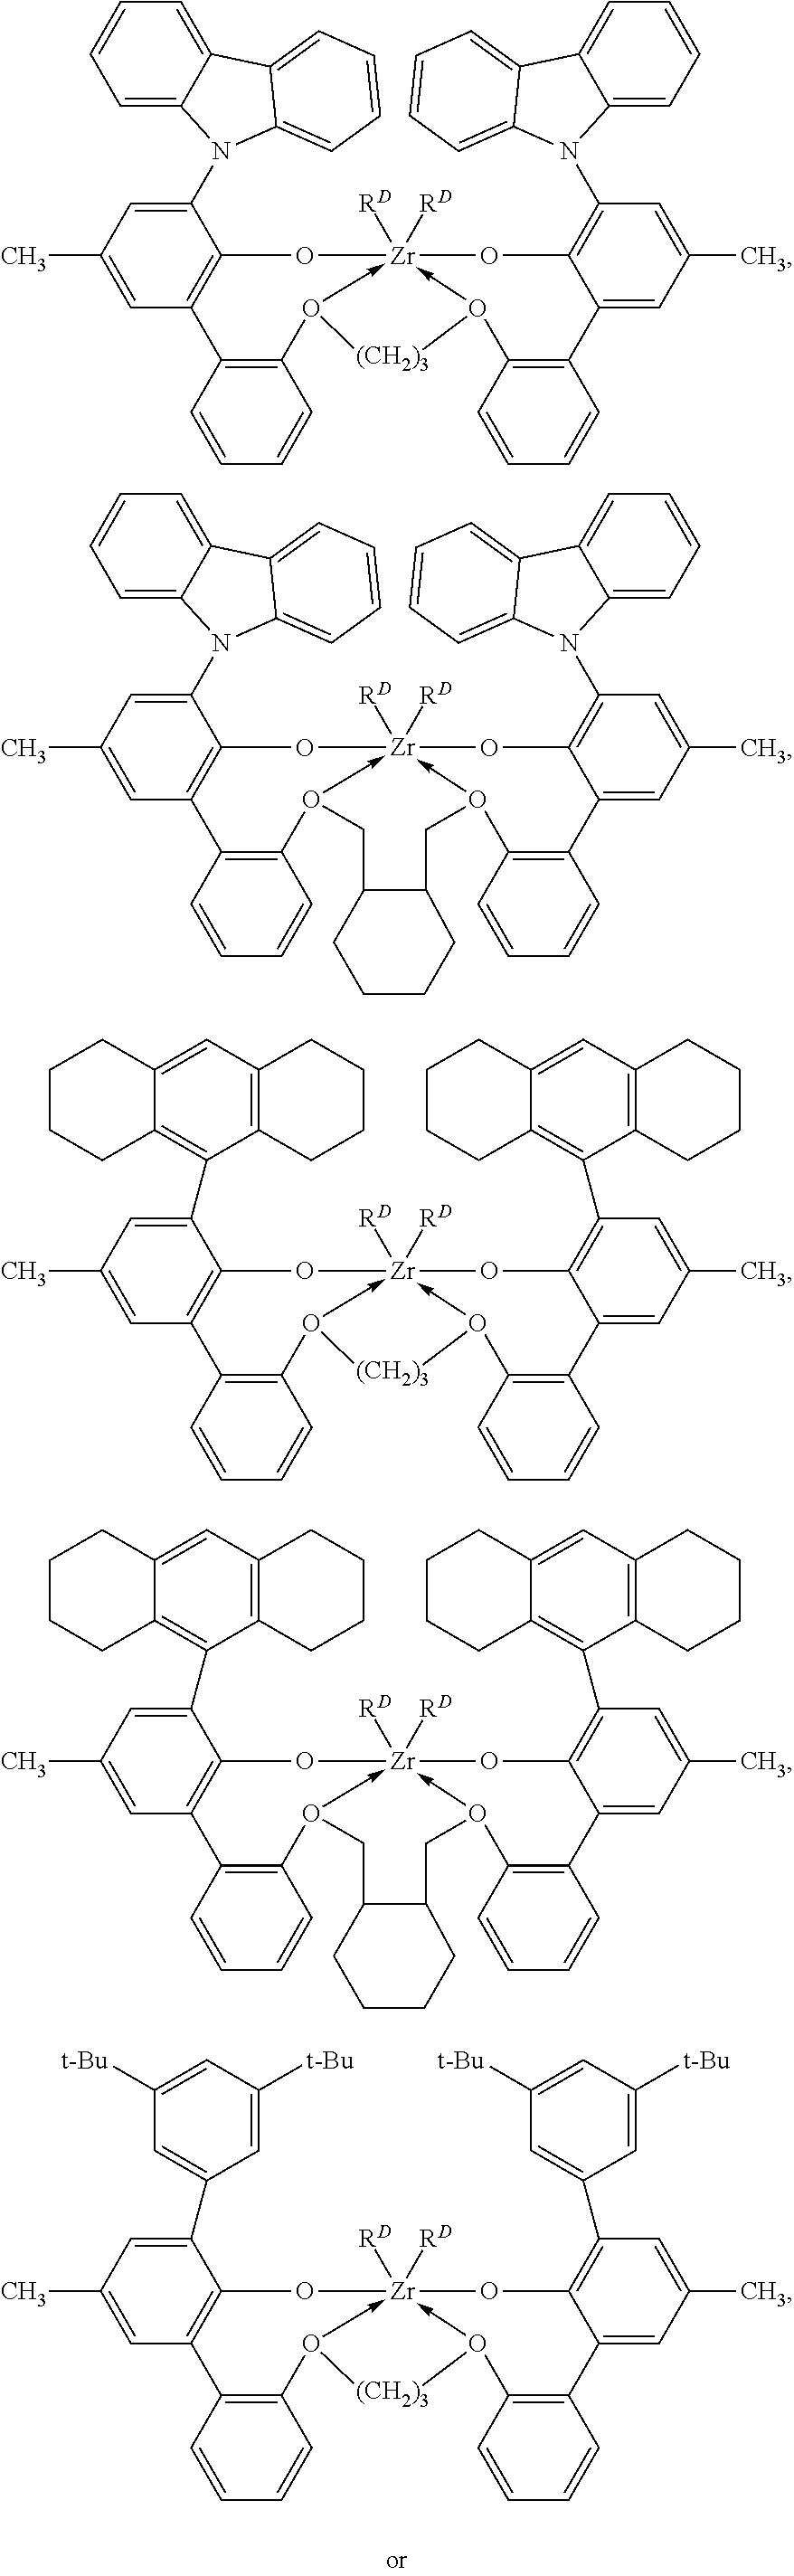 Figure US08299189-20121030-C00006